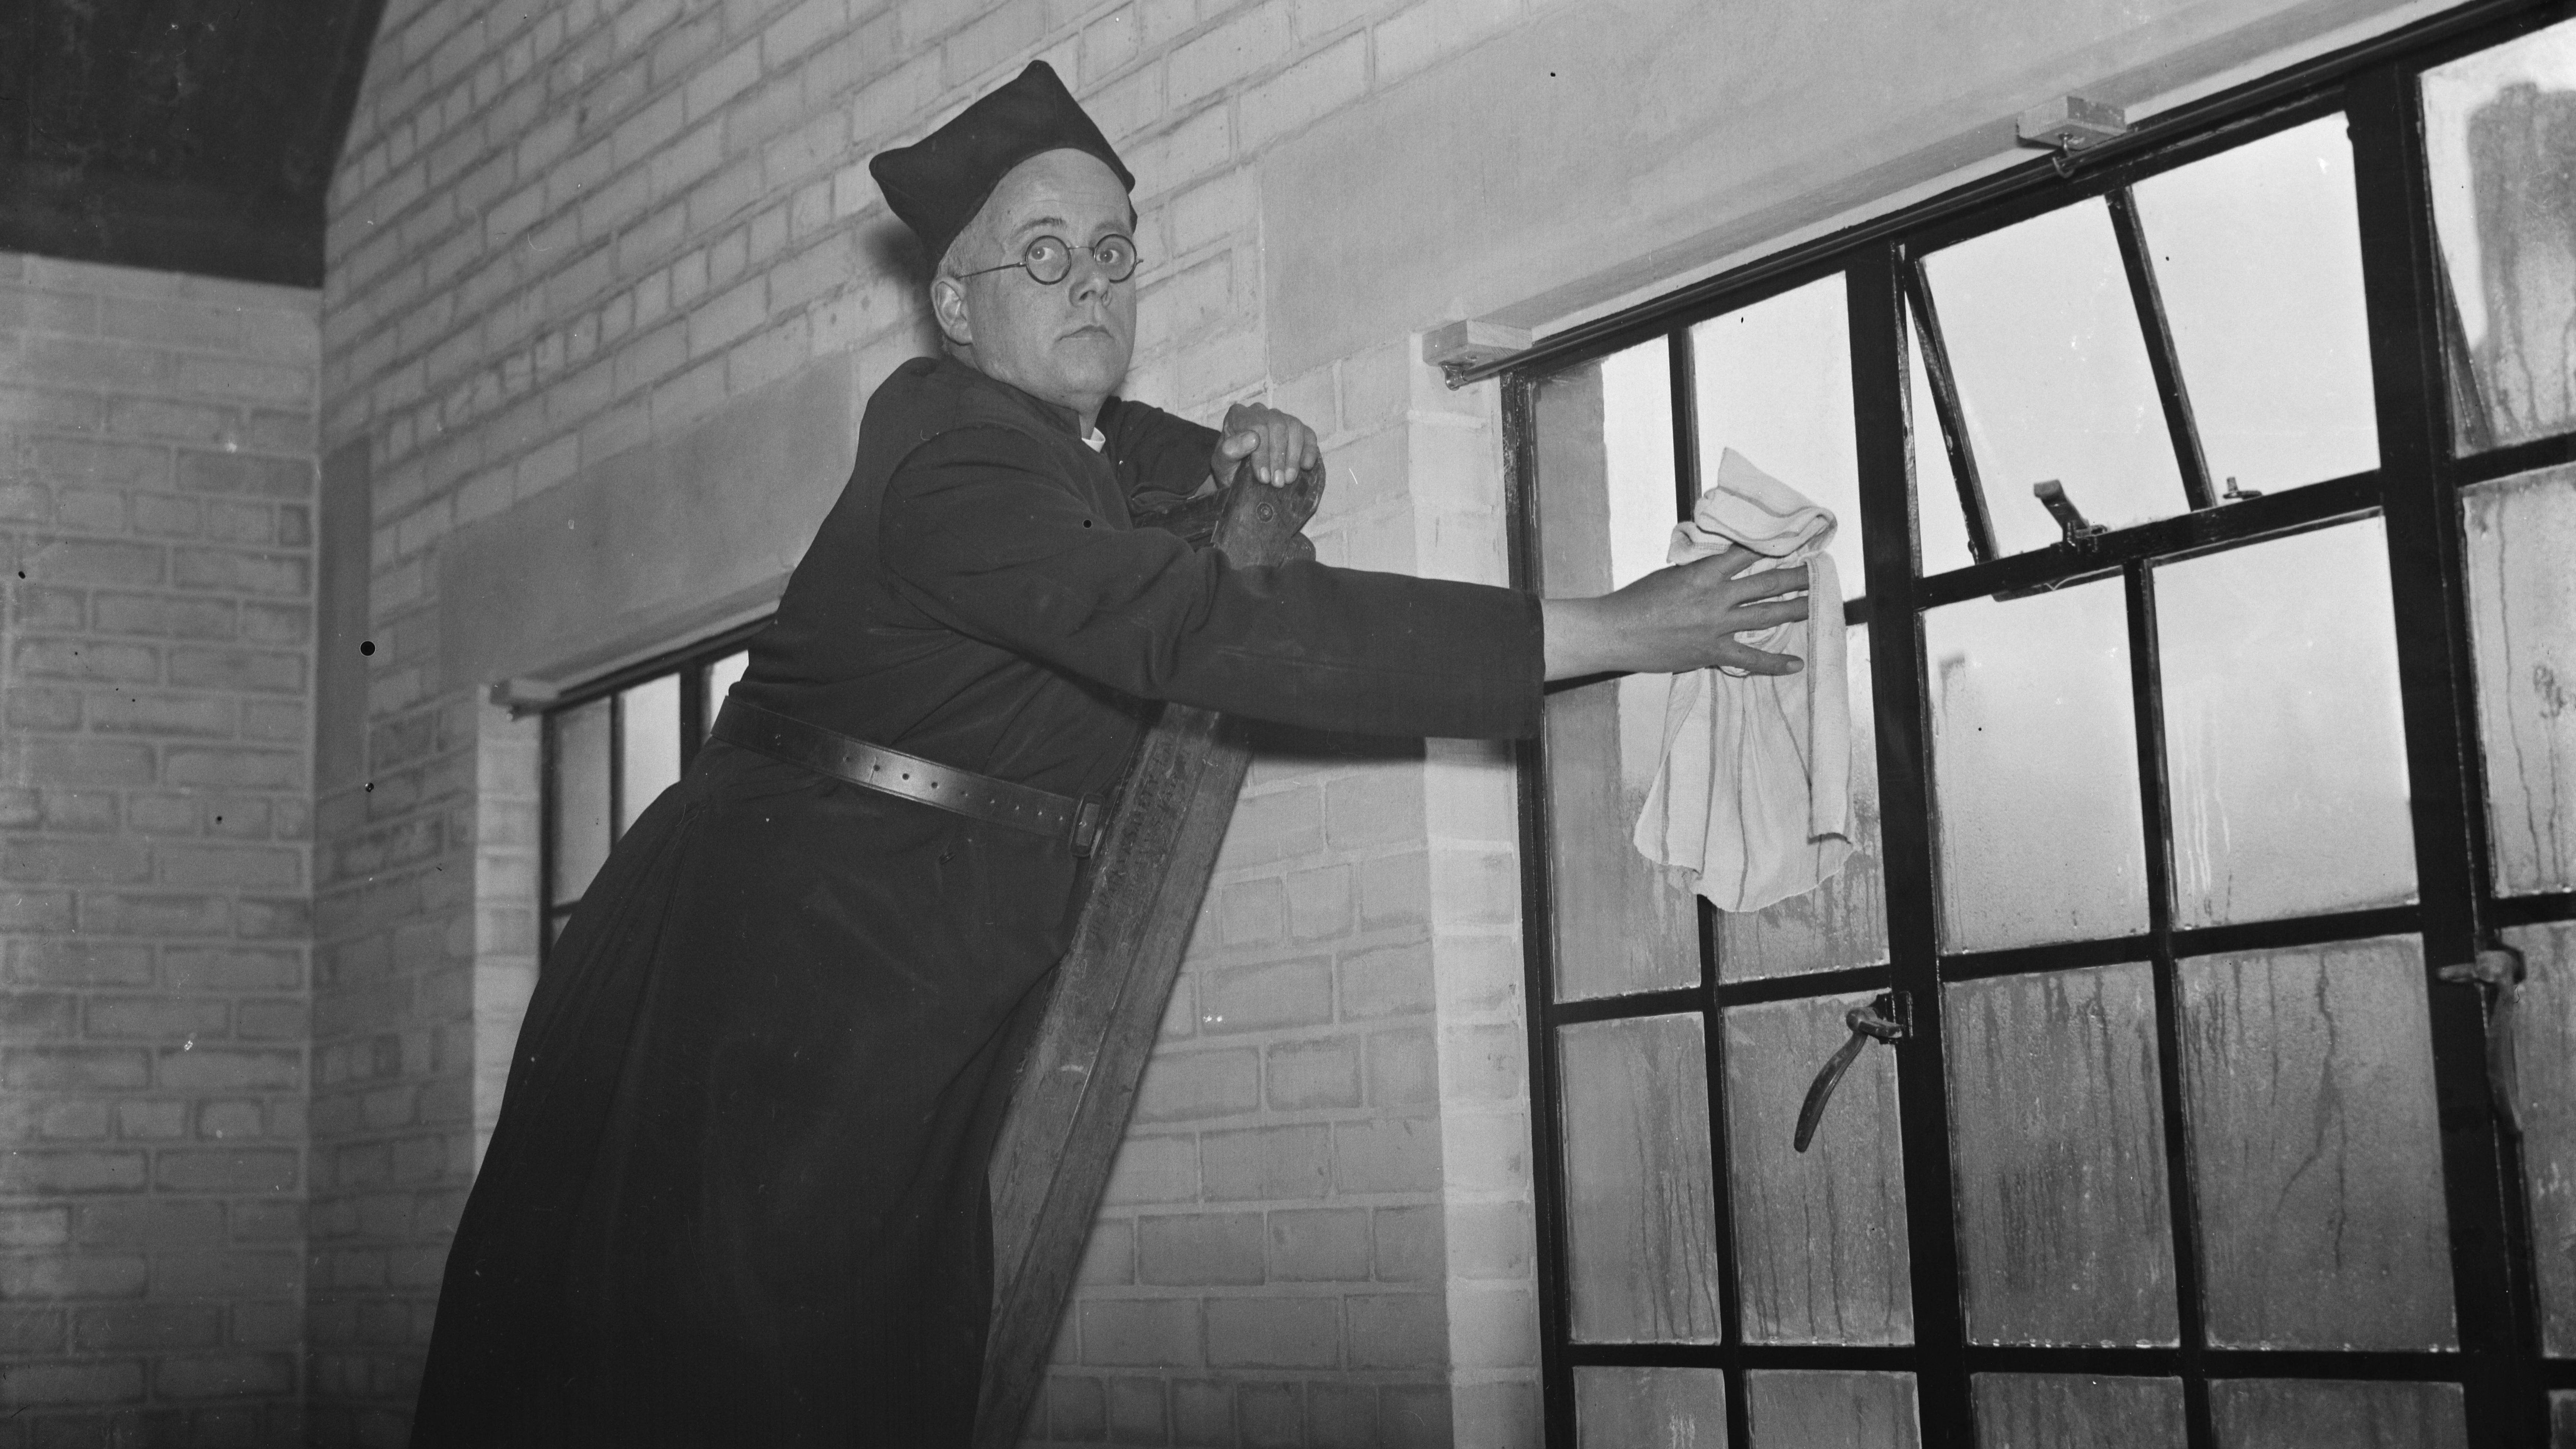 Mit einem Dampfreiniger lassen sich Fenster meistens leichter putzen.